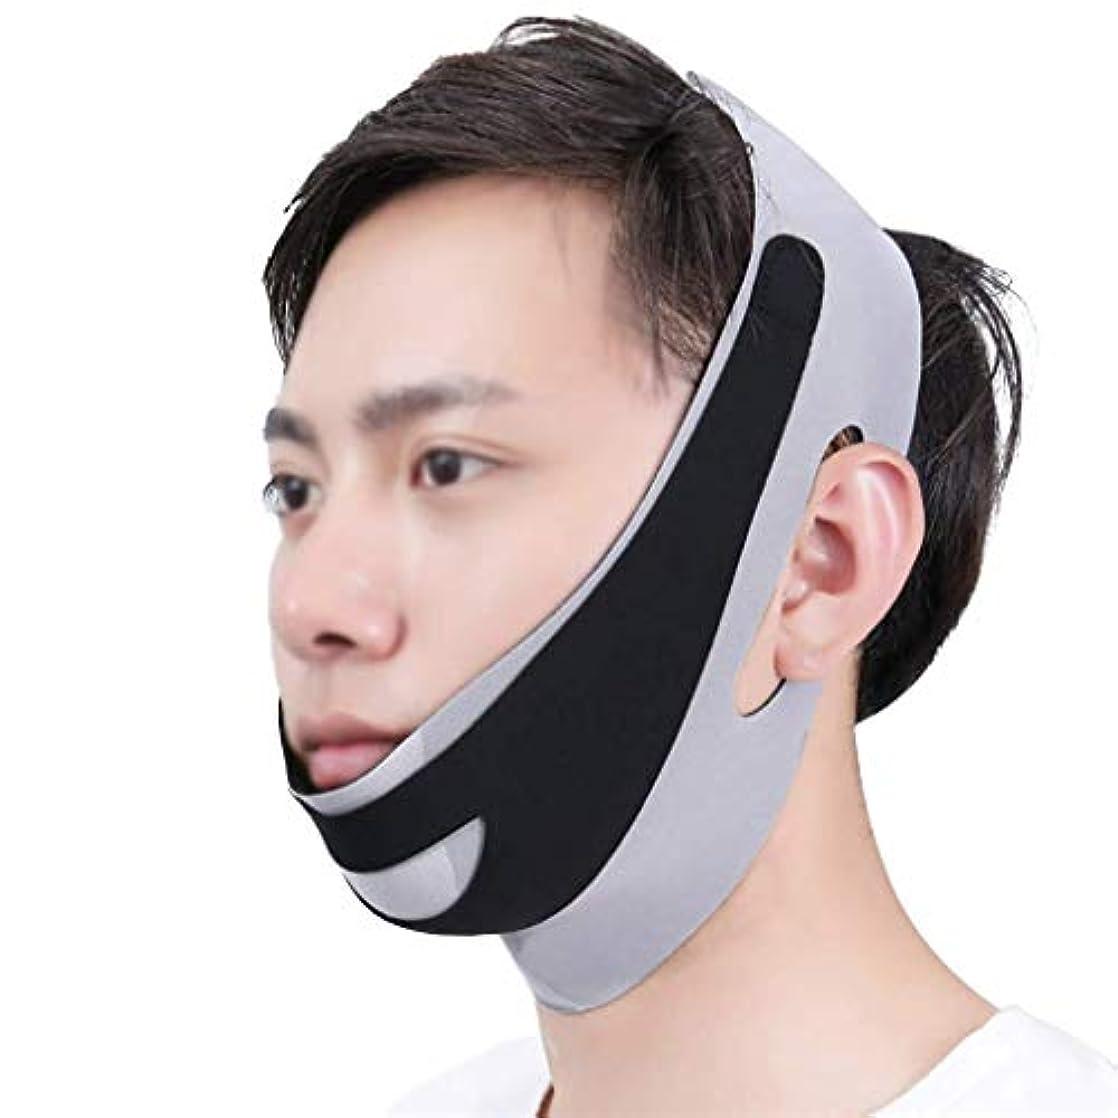 泣く予防接種ホーン顔と首のリフト術後の弾性フェイスマスク小さなV顔アーティファクト薄い顔包帯アーティファクトV顔ぶら下げ耳リフティング引き締め男性の顔アーティファクト